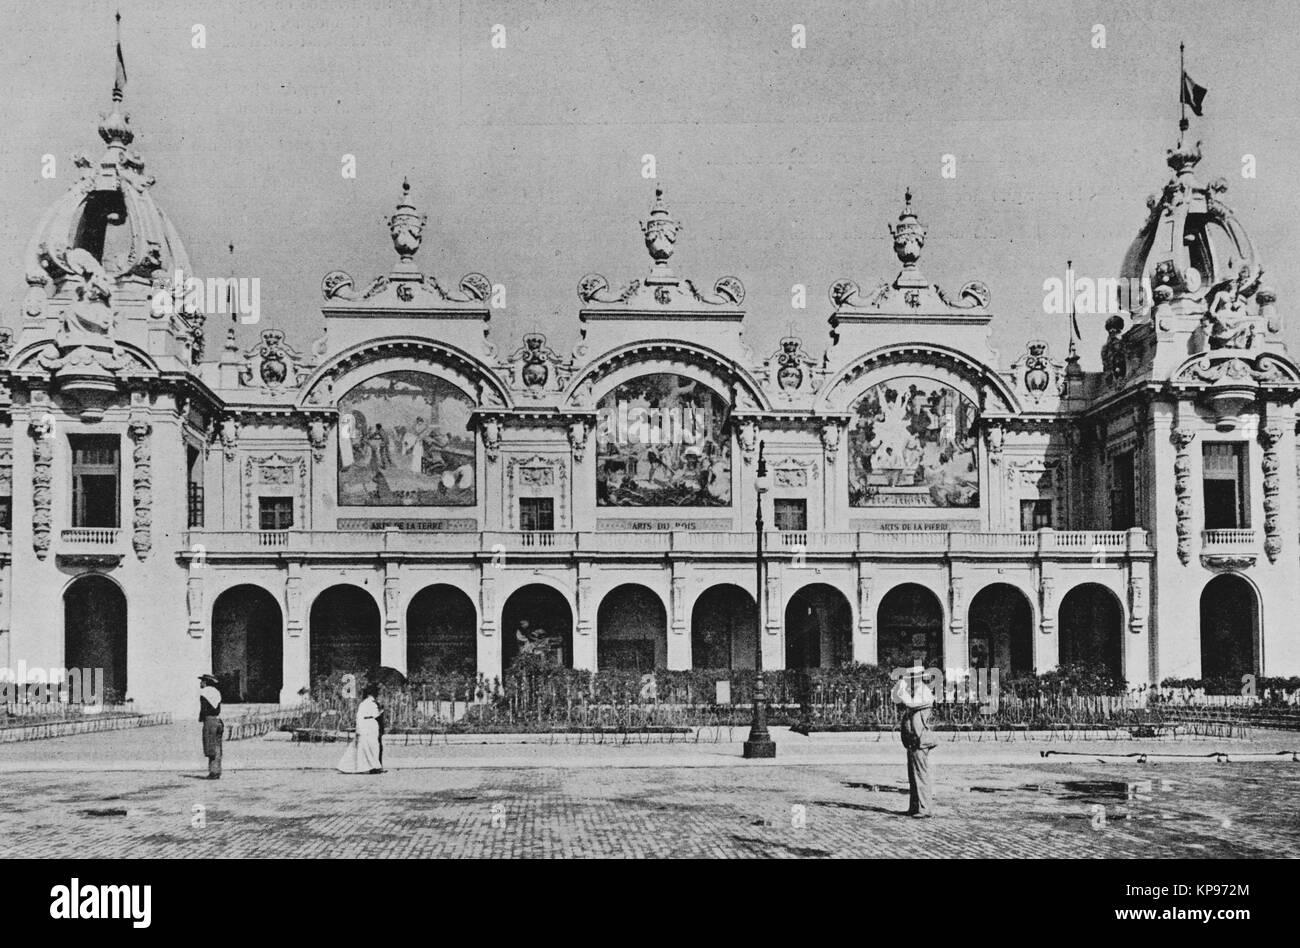 Palais des fabrica nationales, Exposición Universal de 1900 en París, a imagen del semanario francés Imagen De Stock